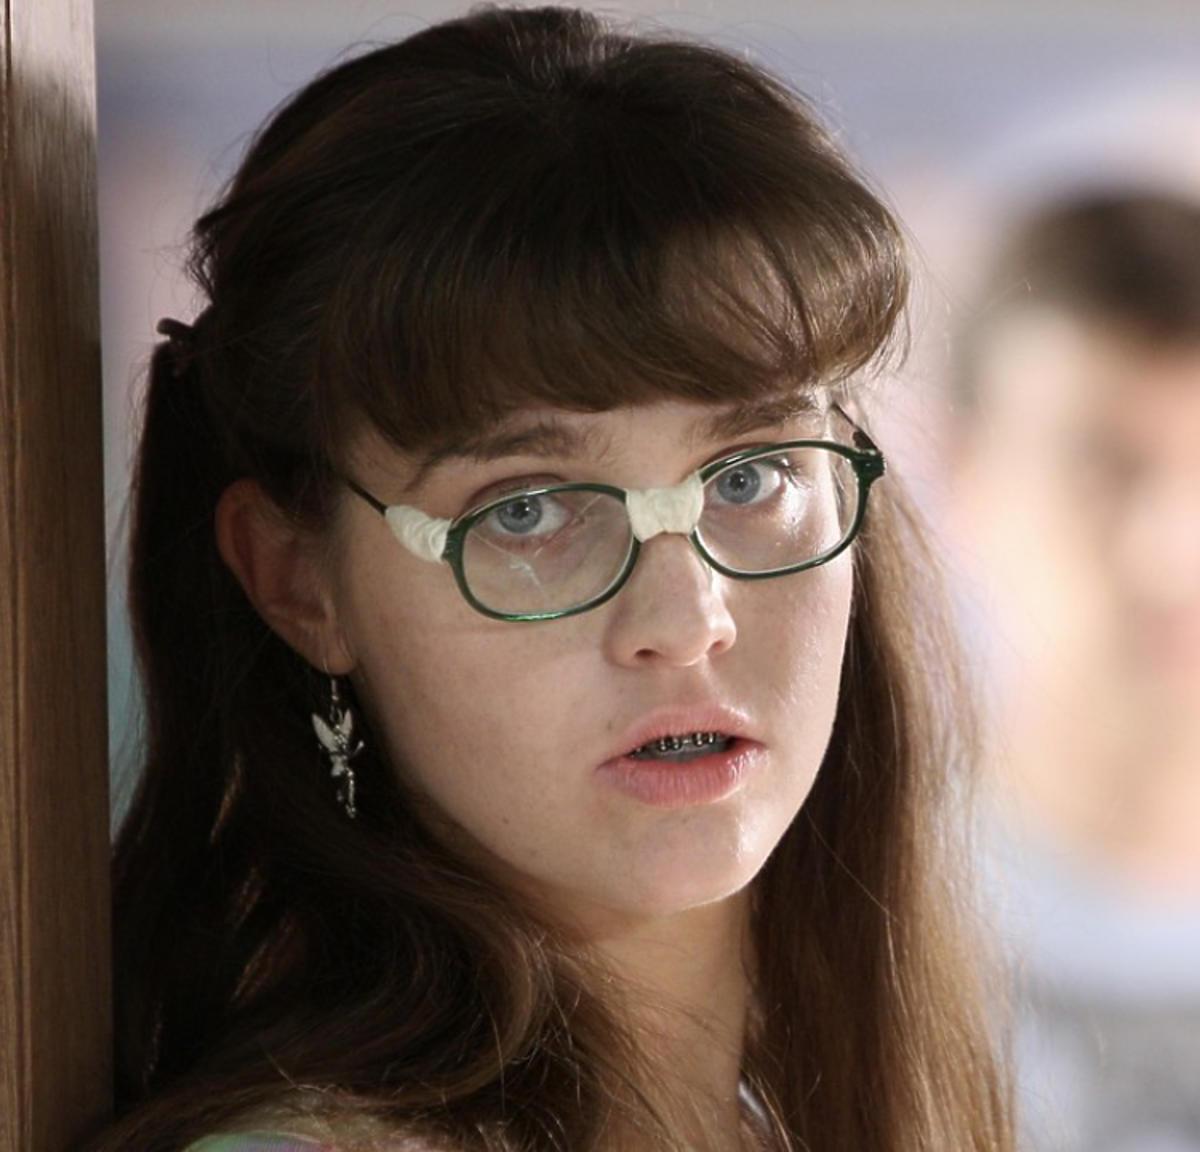 Serial brzydula julia kamińska w okularach